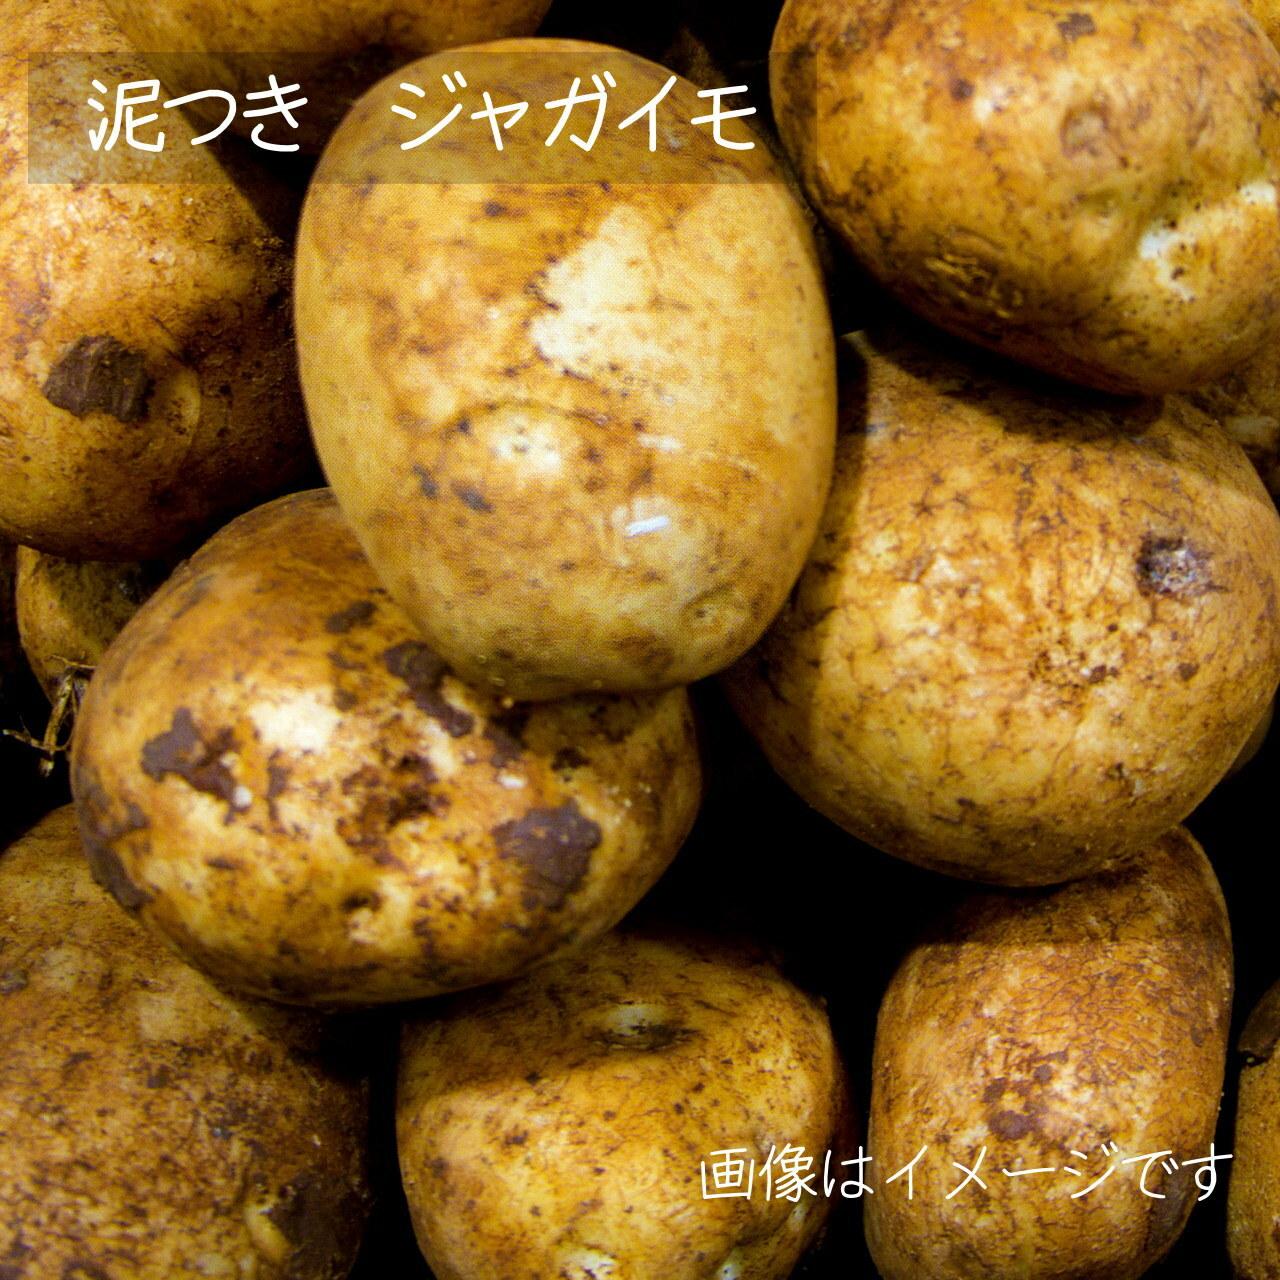 7月の新鮮野菜 : ジャガイモ 約600g 朝採り直売野菜  7月20日発送予定